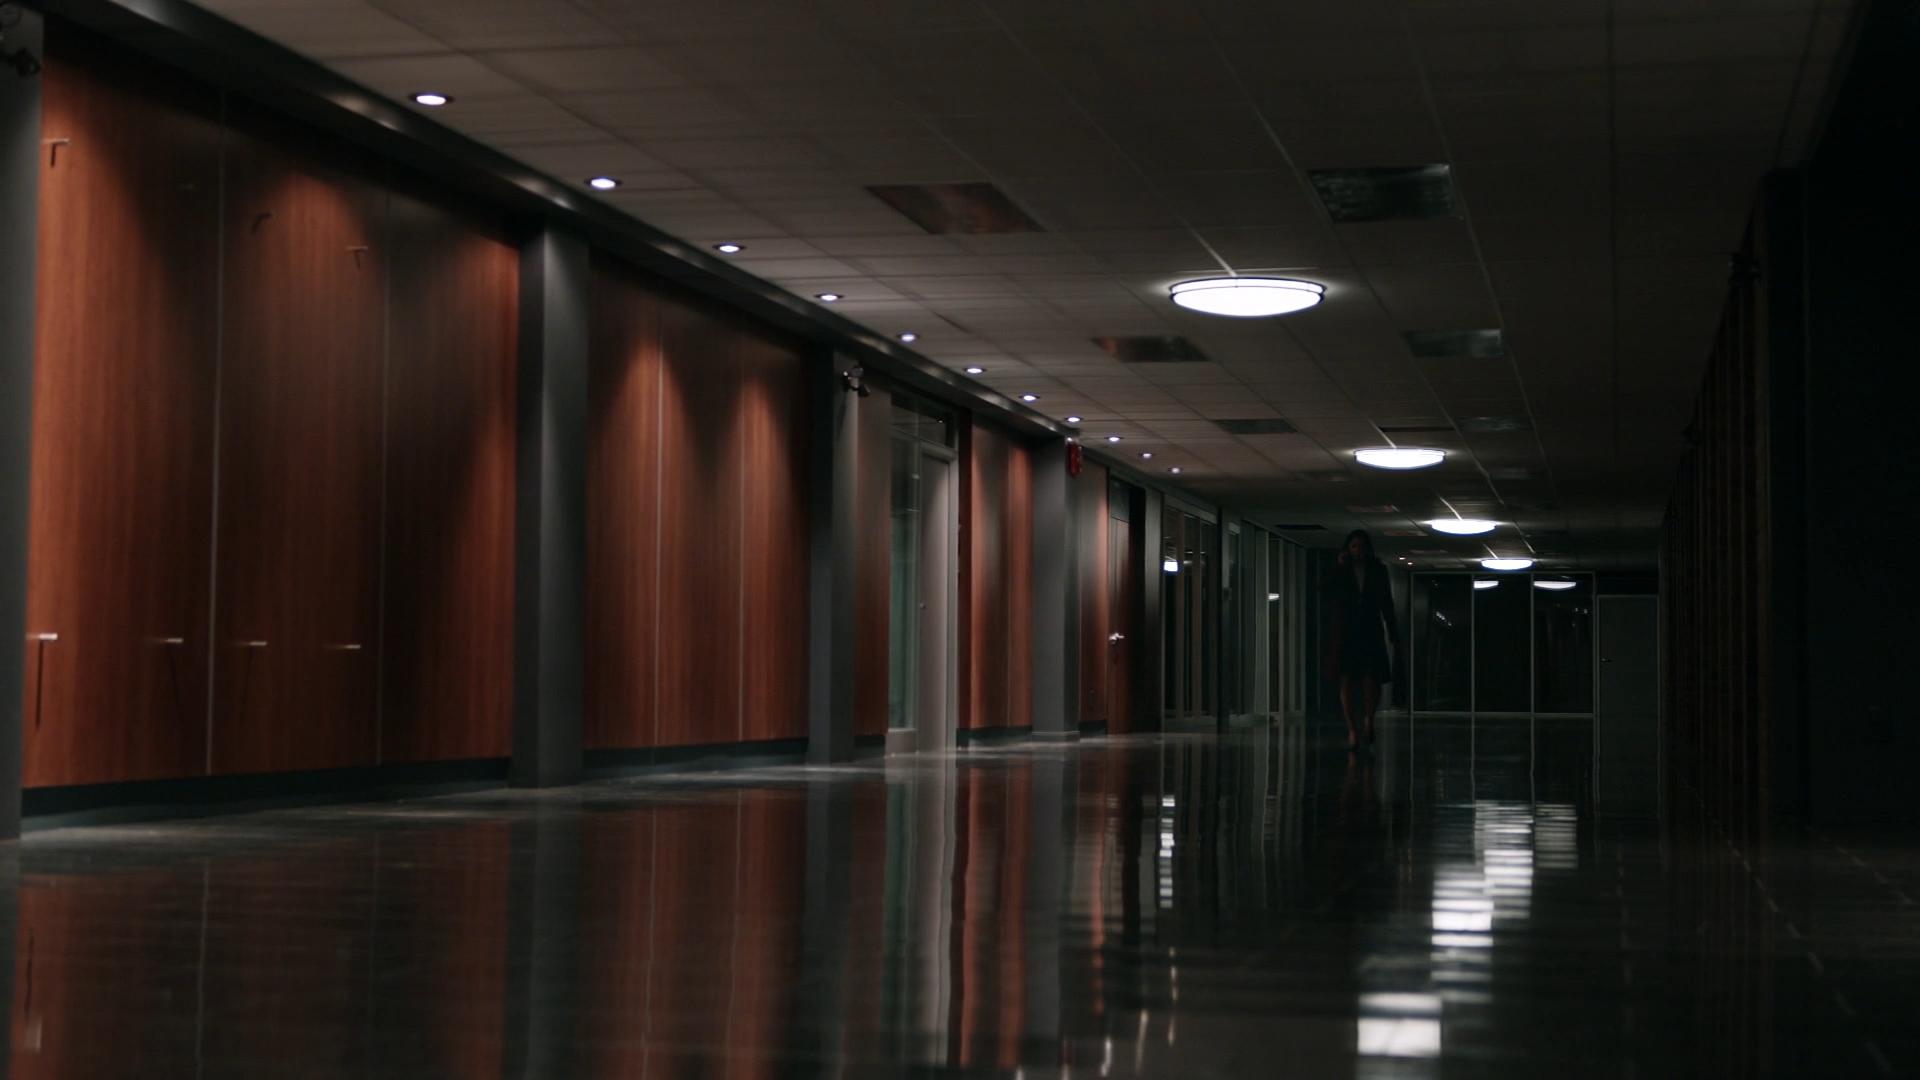 Изображение для Обломки / Debris, Сезон 1, Серии 1-7 из 8 (2021) WEB-DLRip 1080p (кликните для просмотра полного изображения)